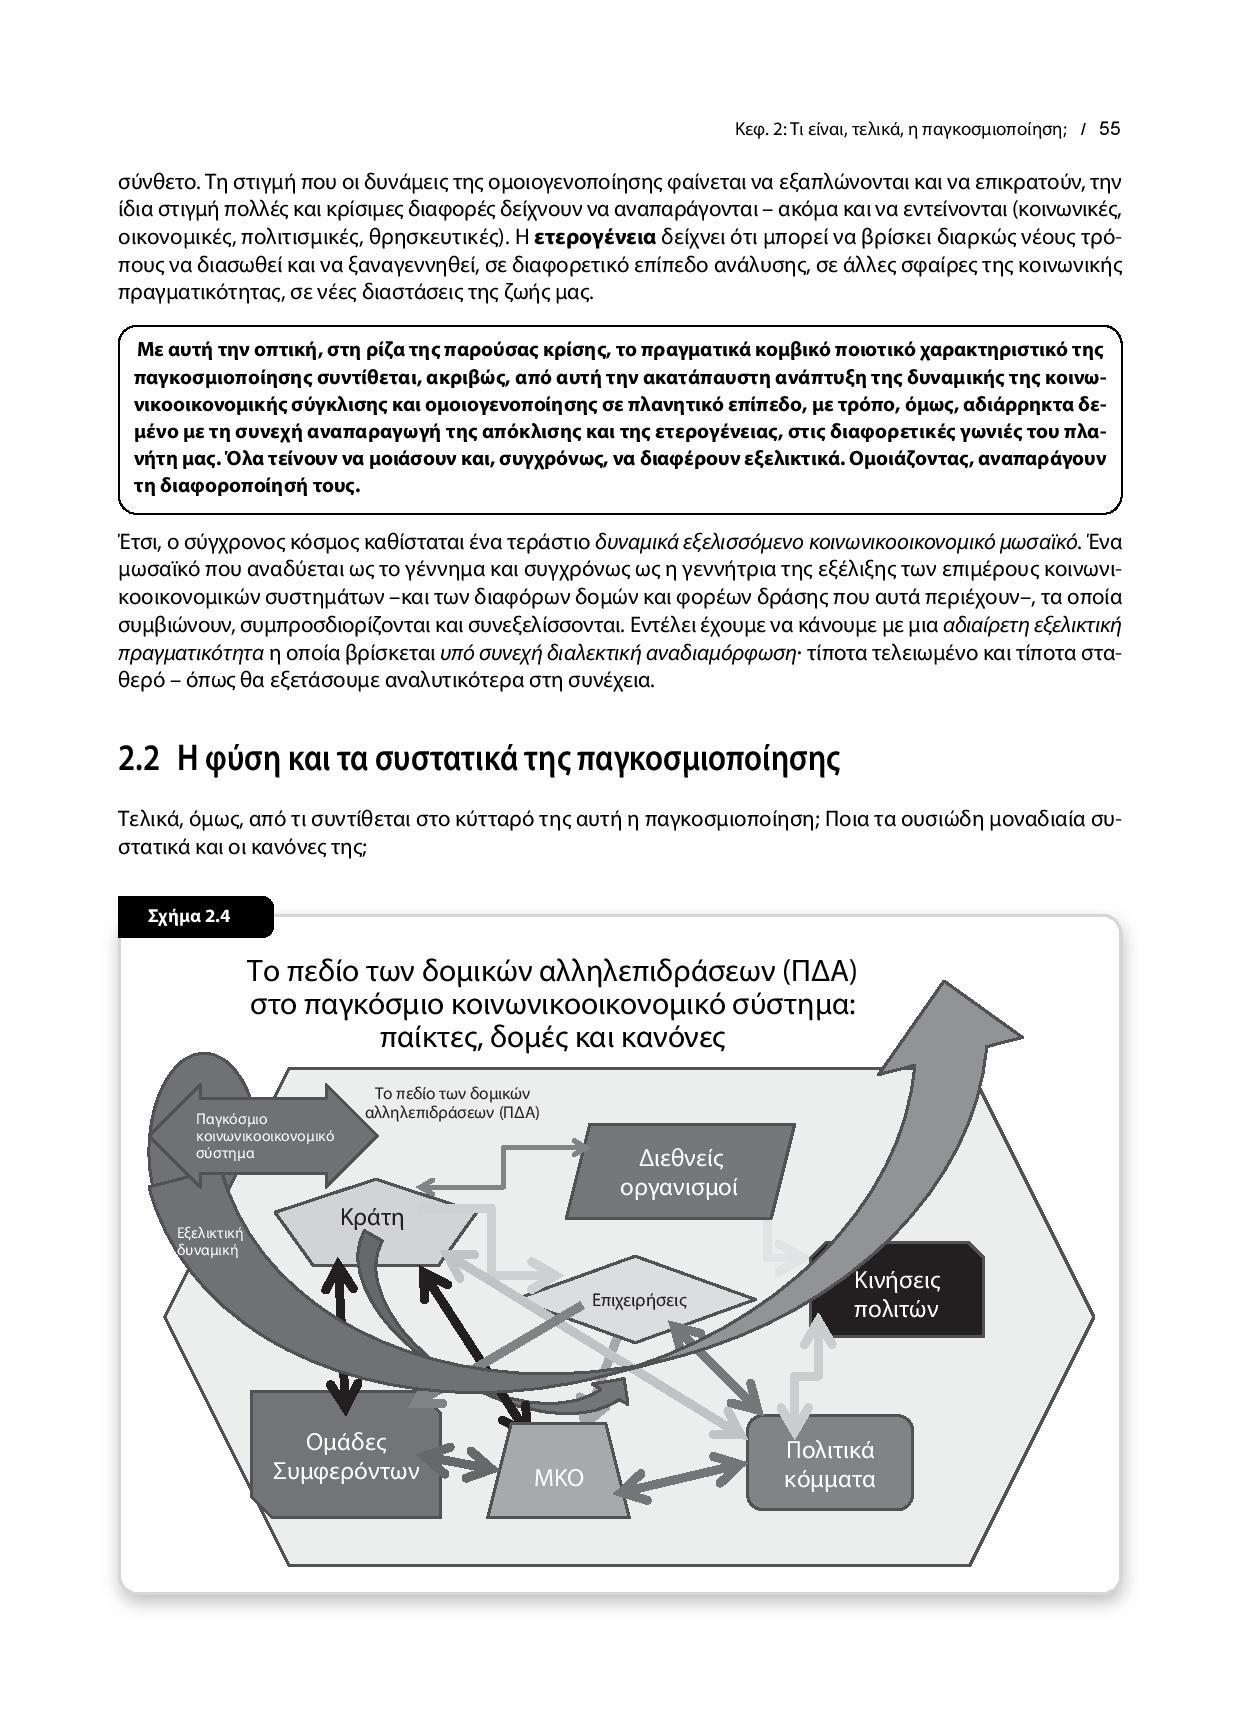 Παγκόσμια κρίση, καινοτομία και διαχείριση αλλαγής - Η οπτική STRA.TECH.MAN